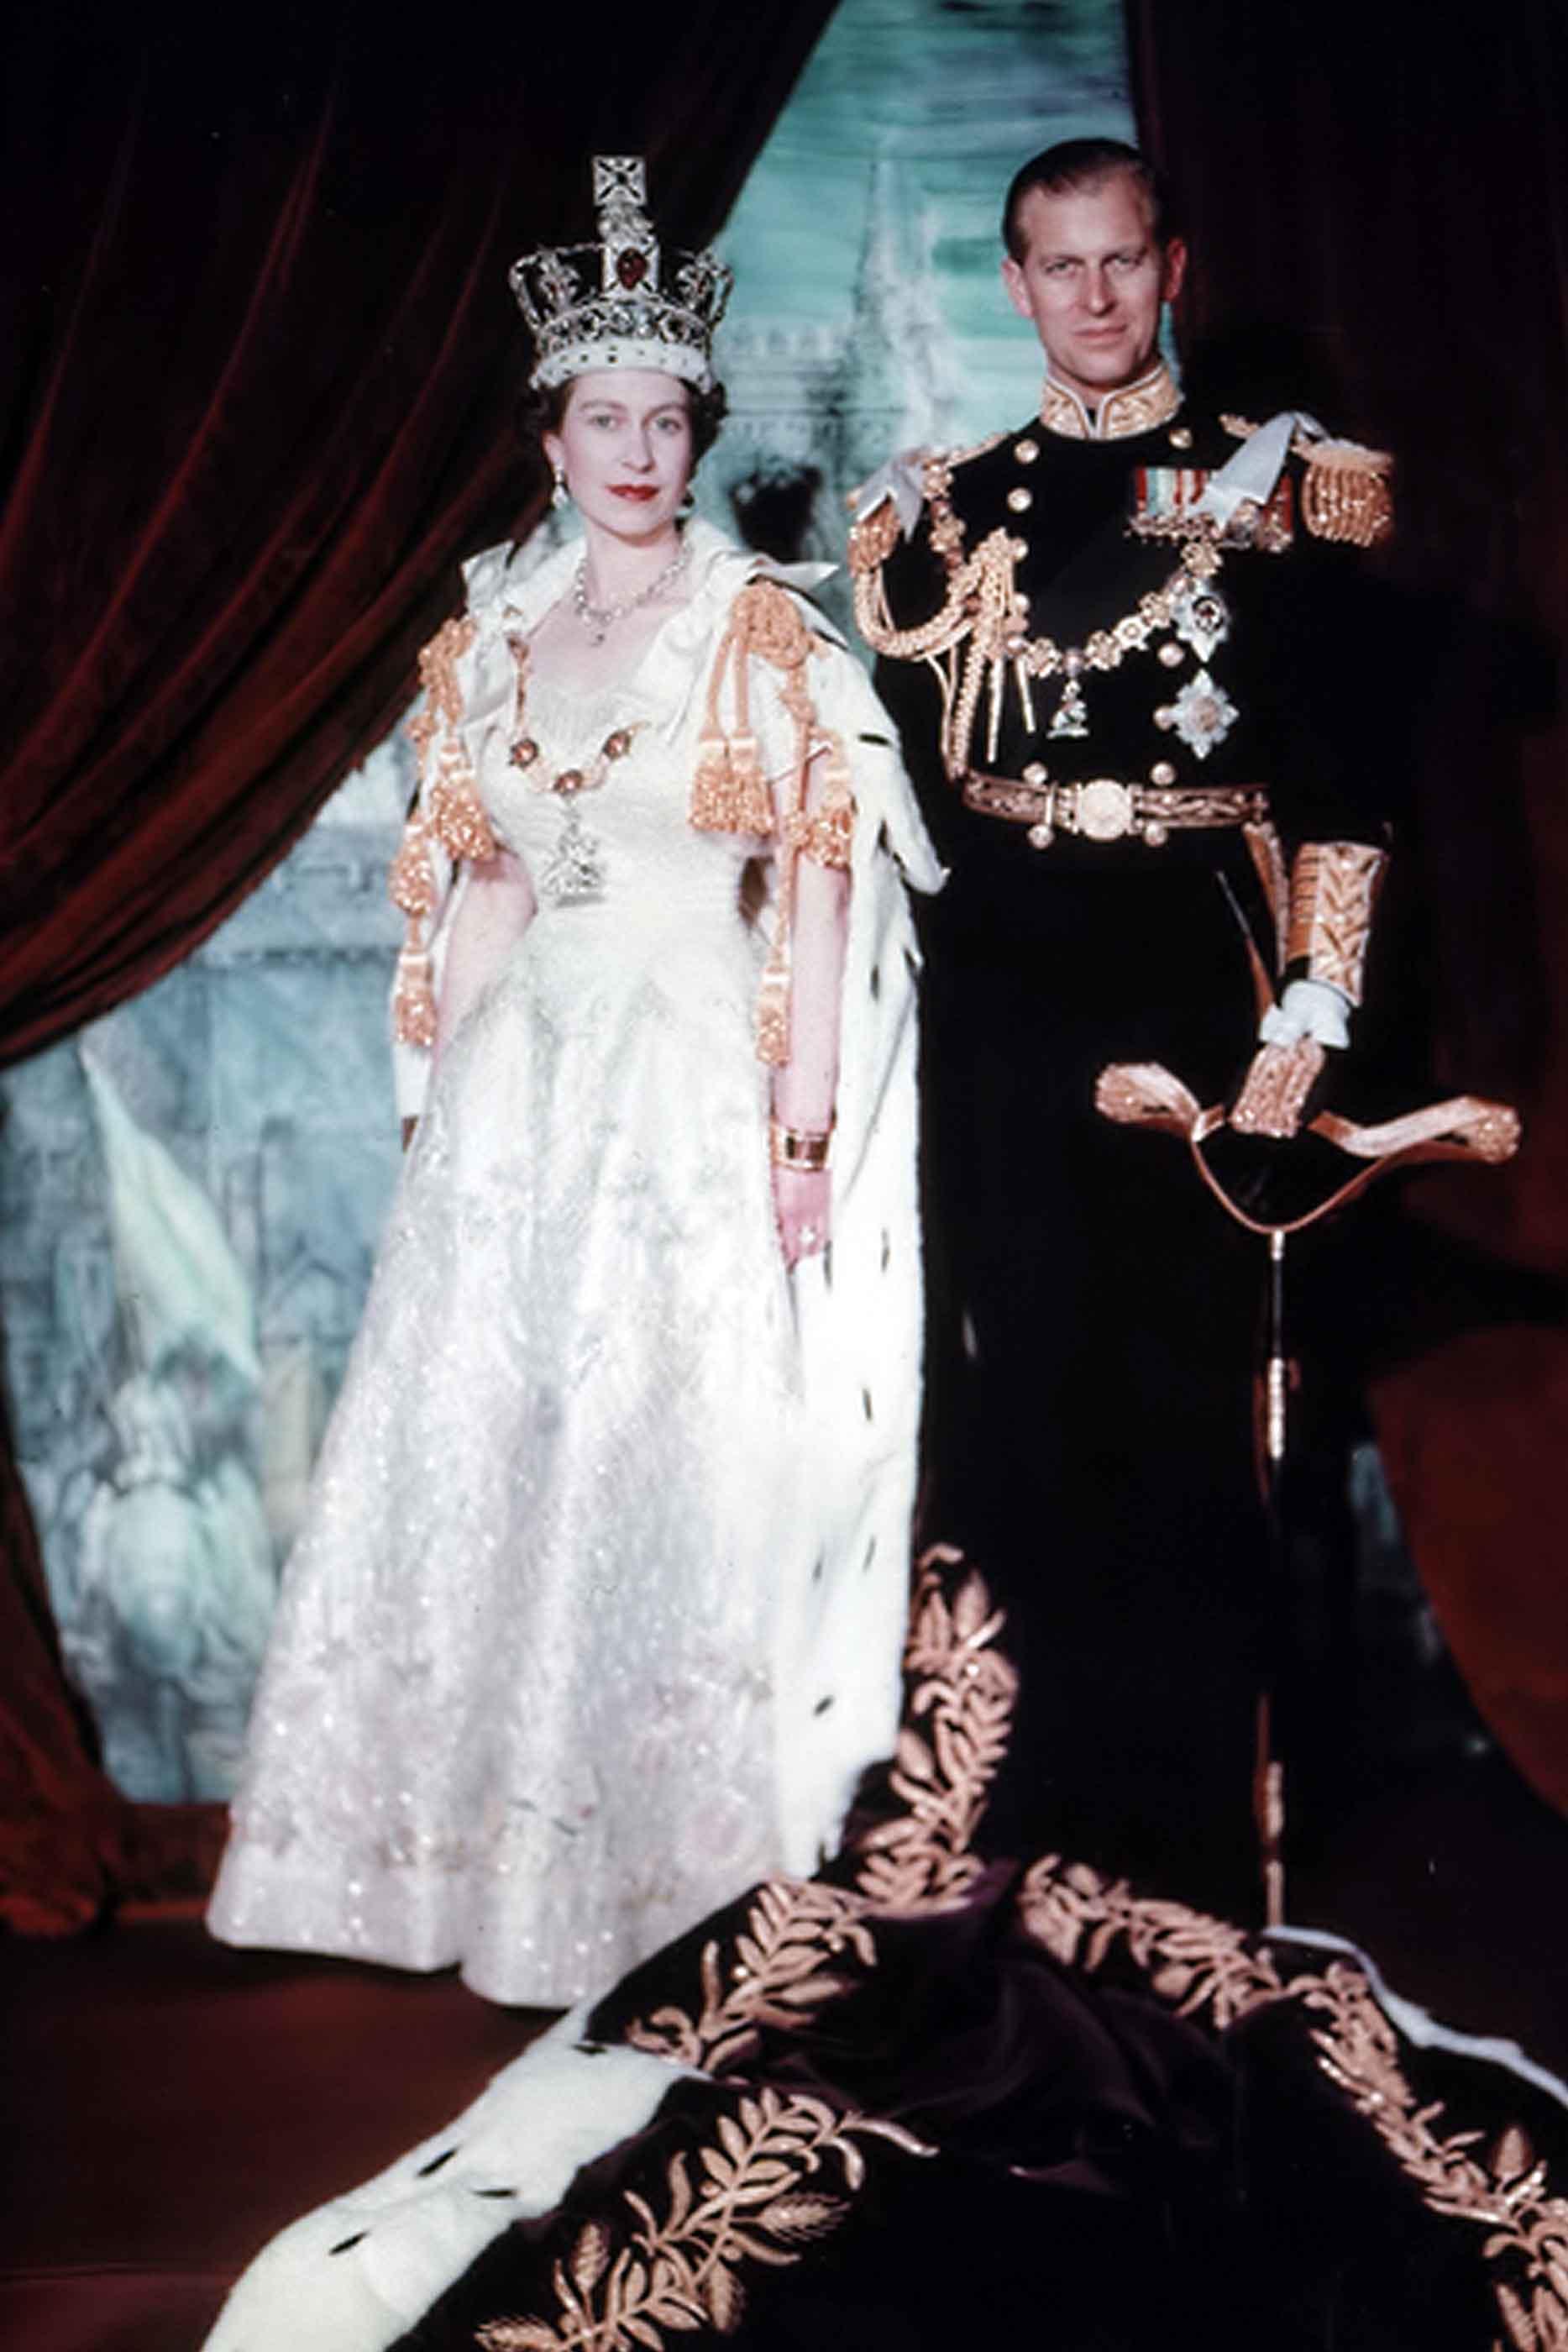 Rainha Isabel II, acompanhada do marido Filipe, após a coroação da mesma, em 1953.